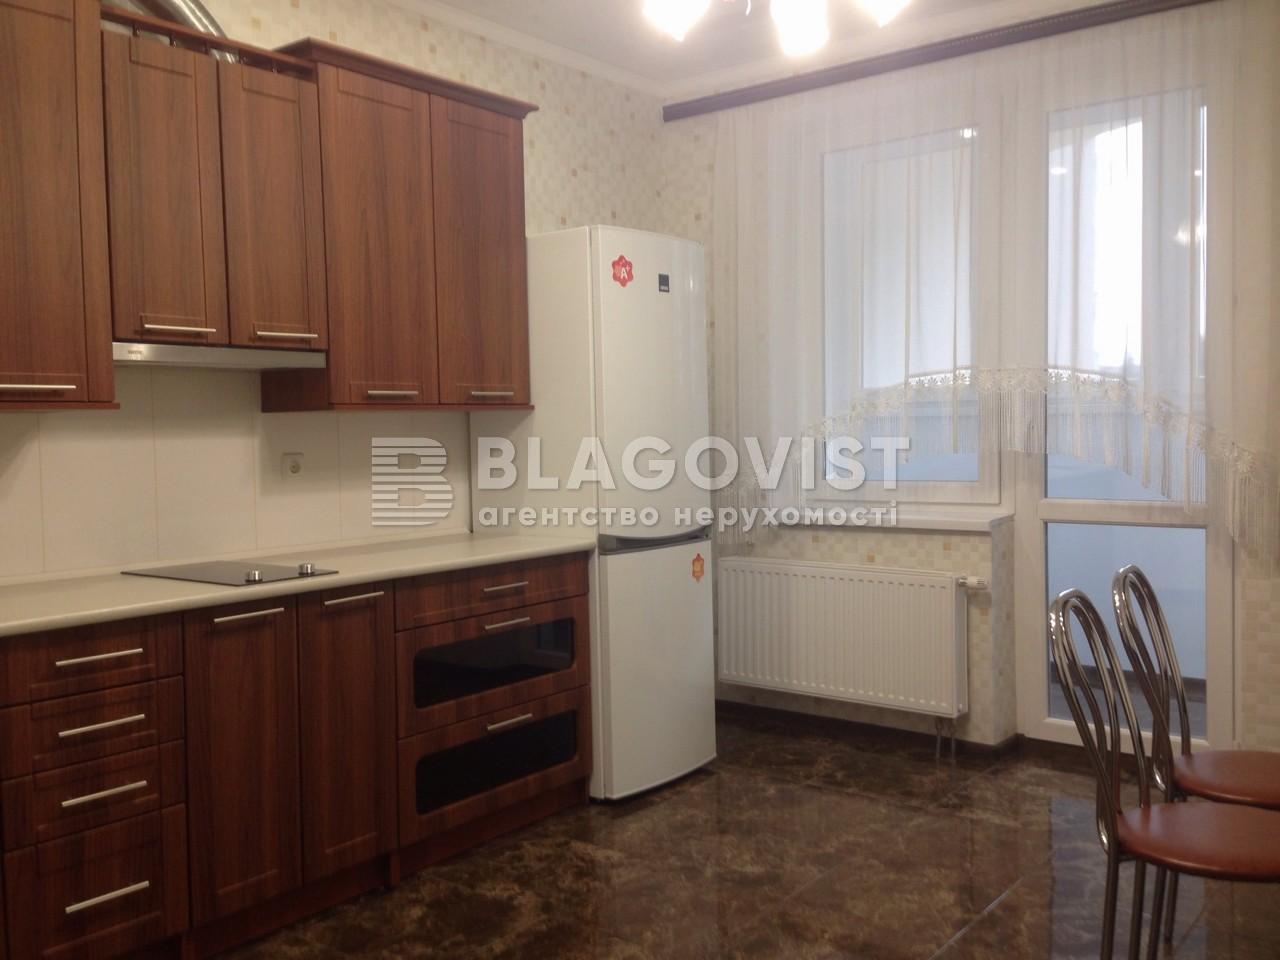 Квартира D-33144, Глушкова Академика просп., 9д, Киев - Фото 12